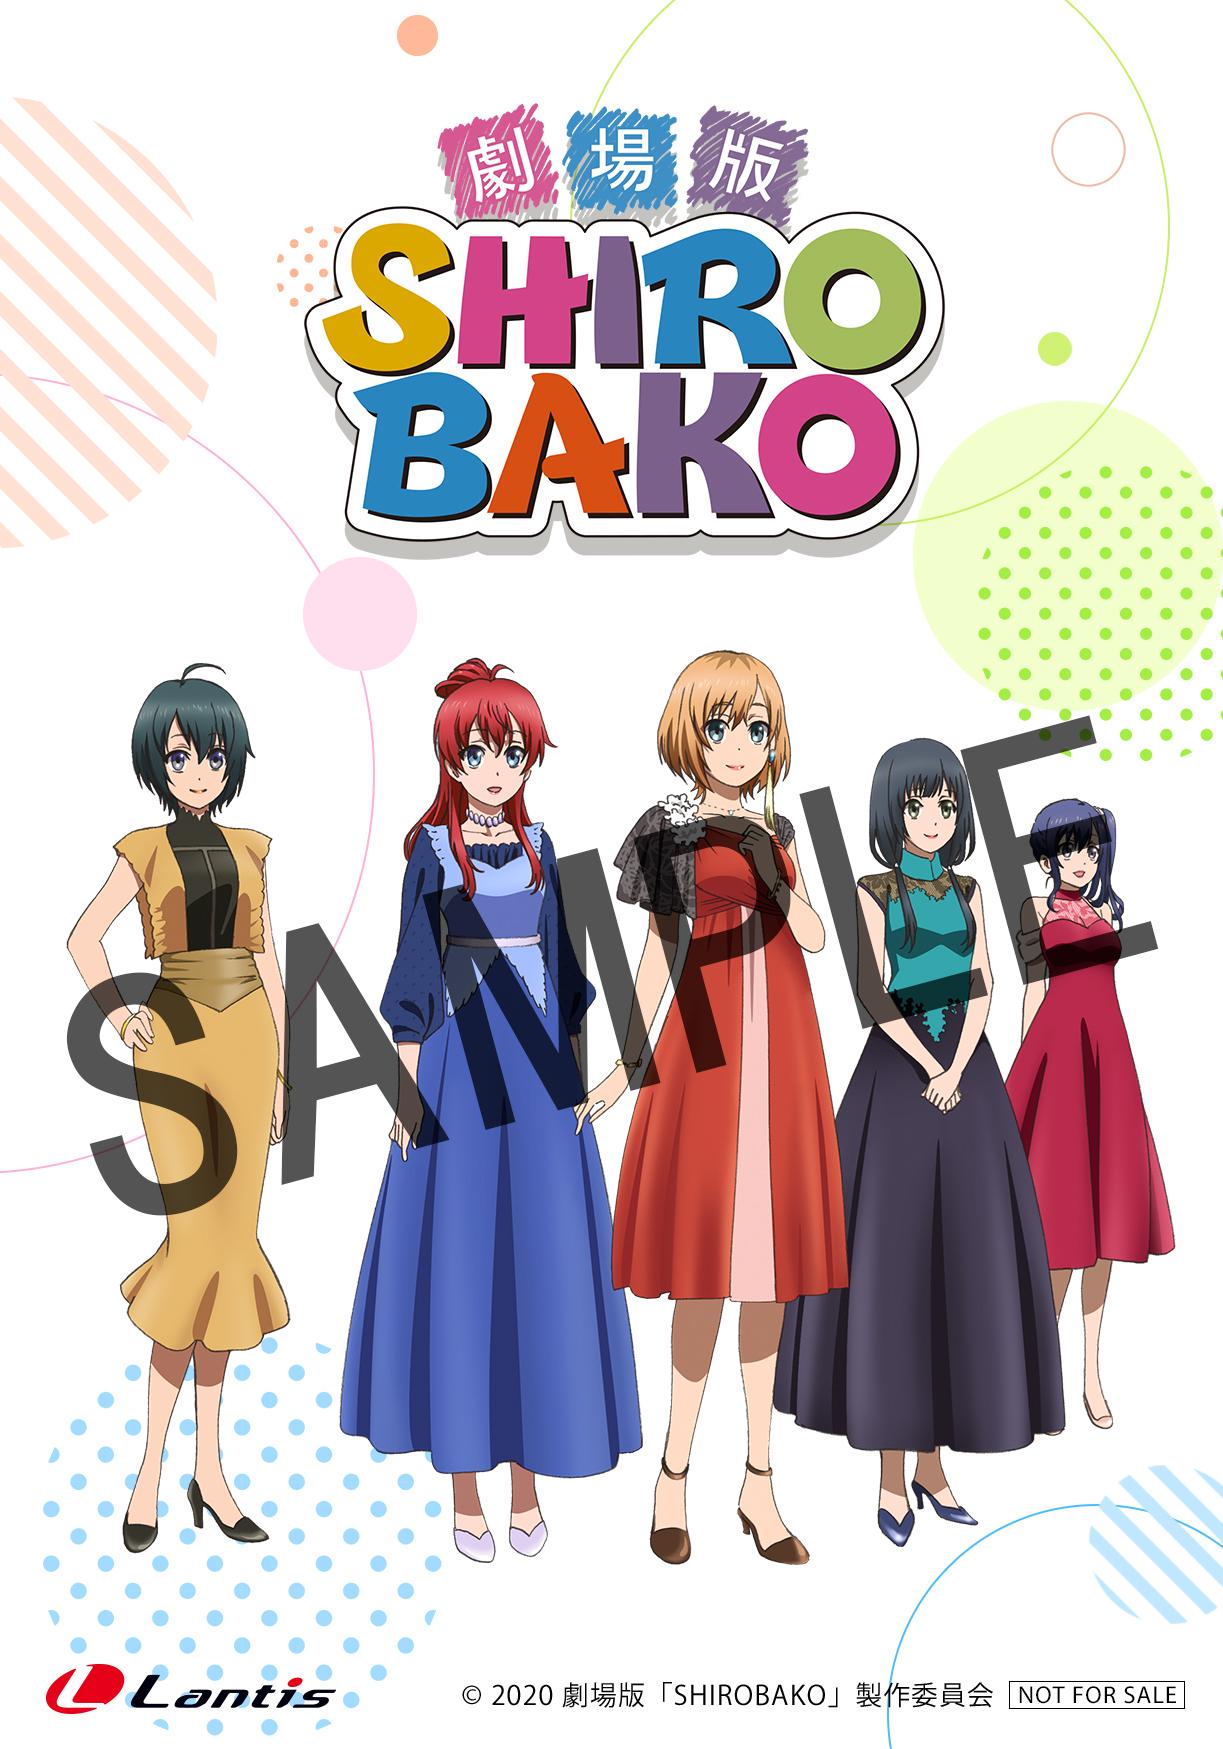 セブンネット特典 L判ブロマイド (C)2020 劇場版「SHIROBAKO」製作委員会